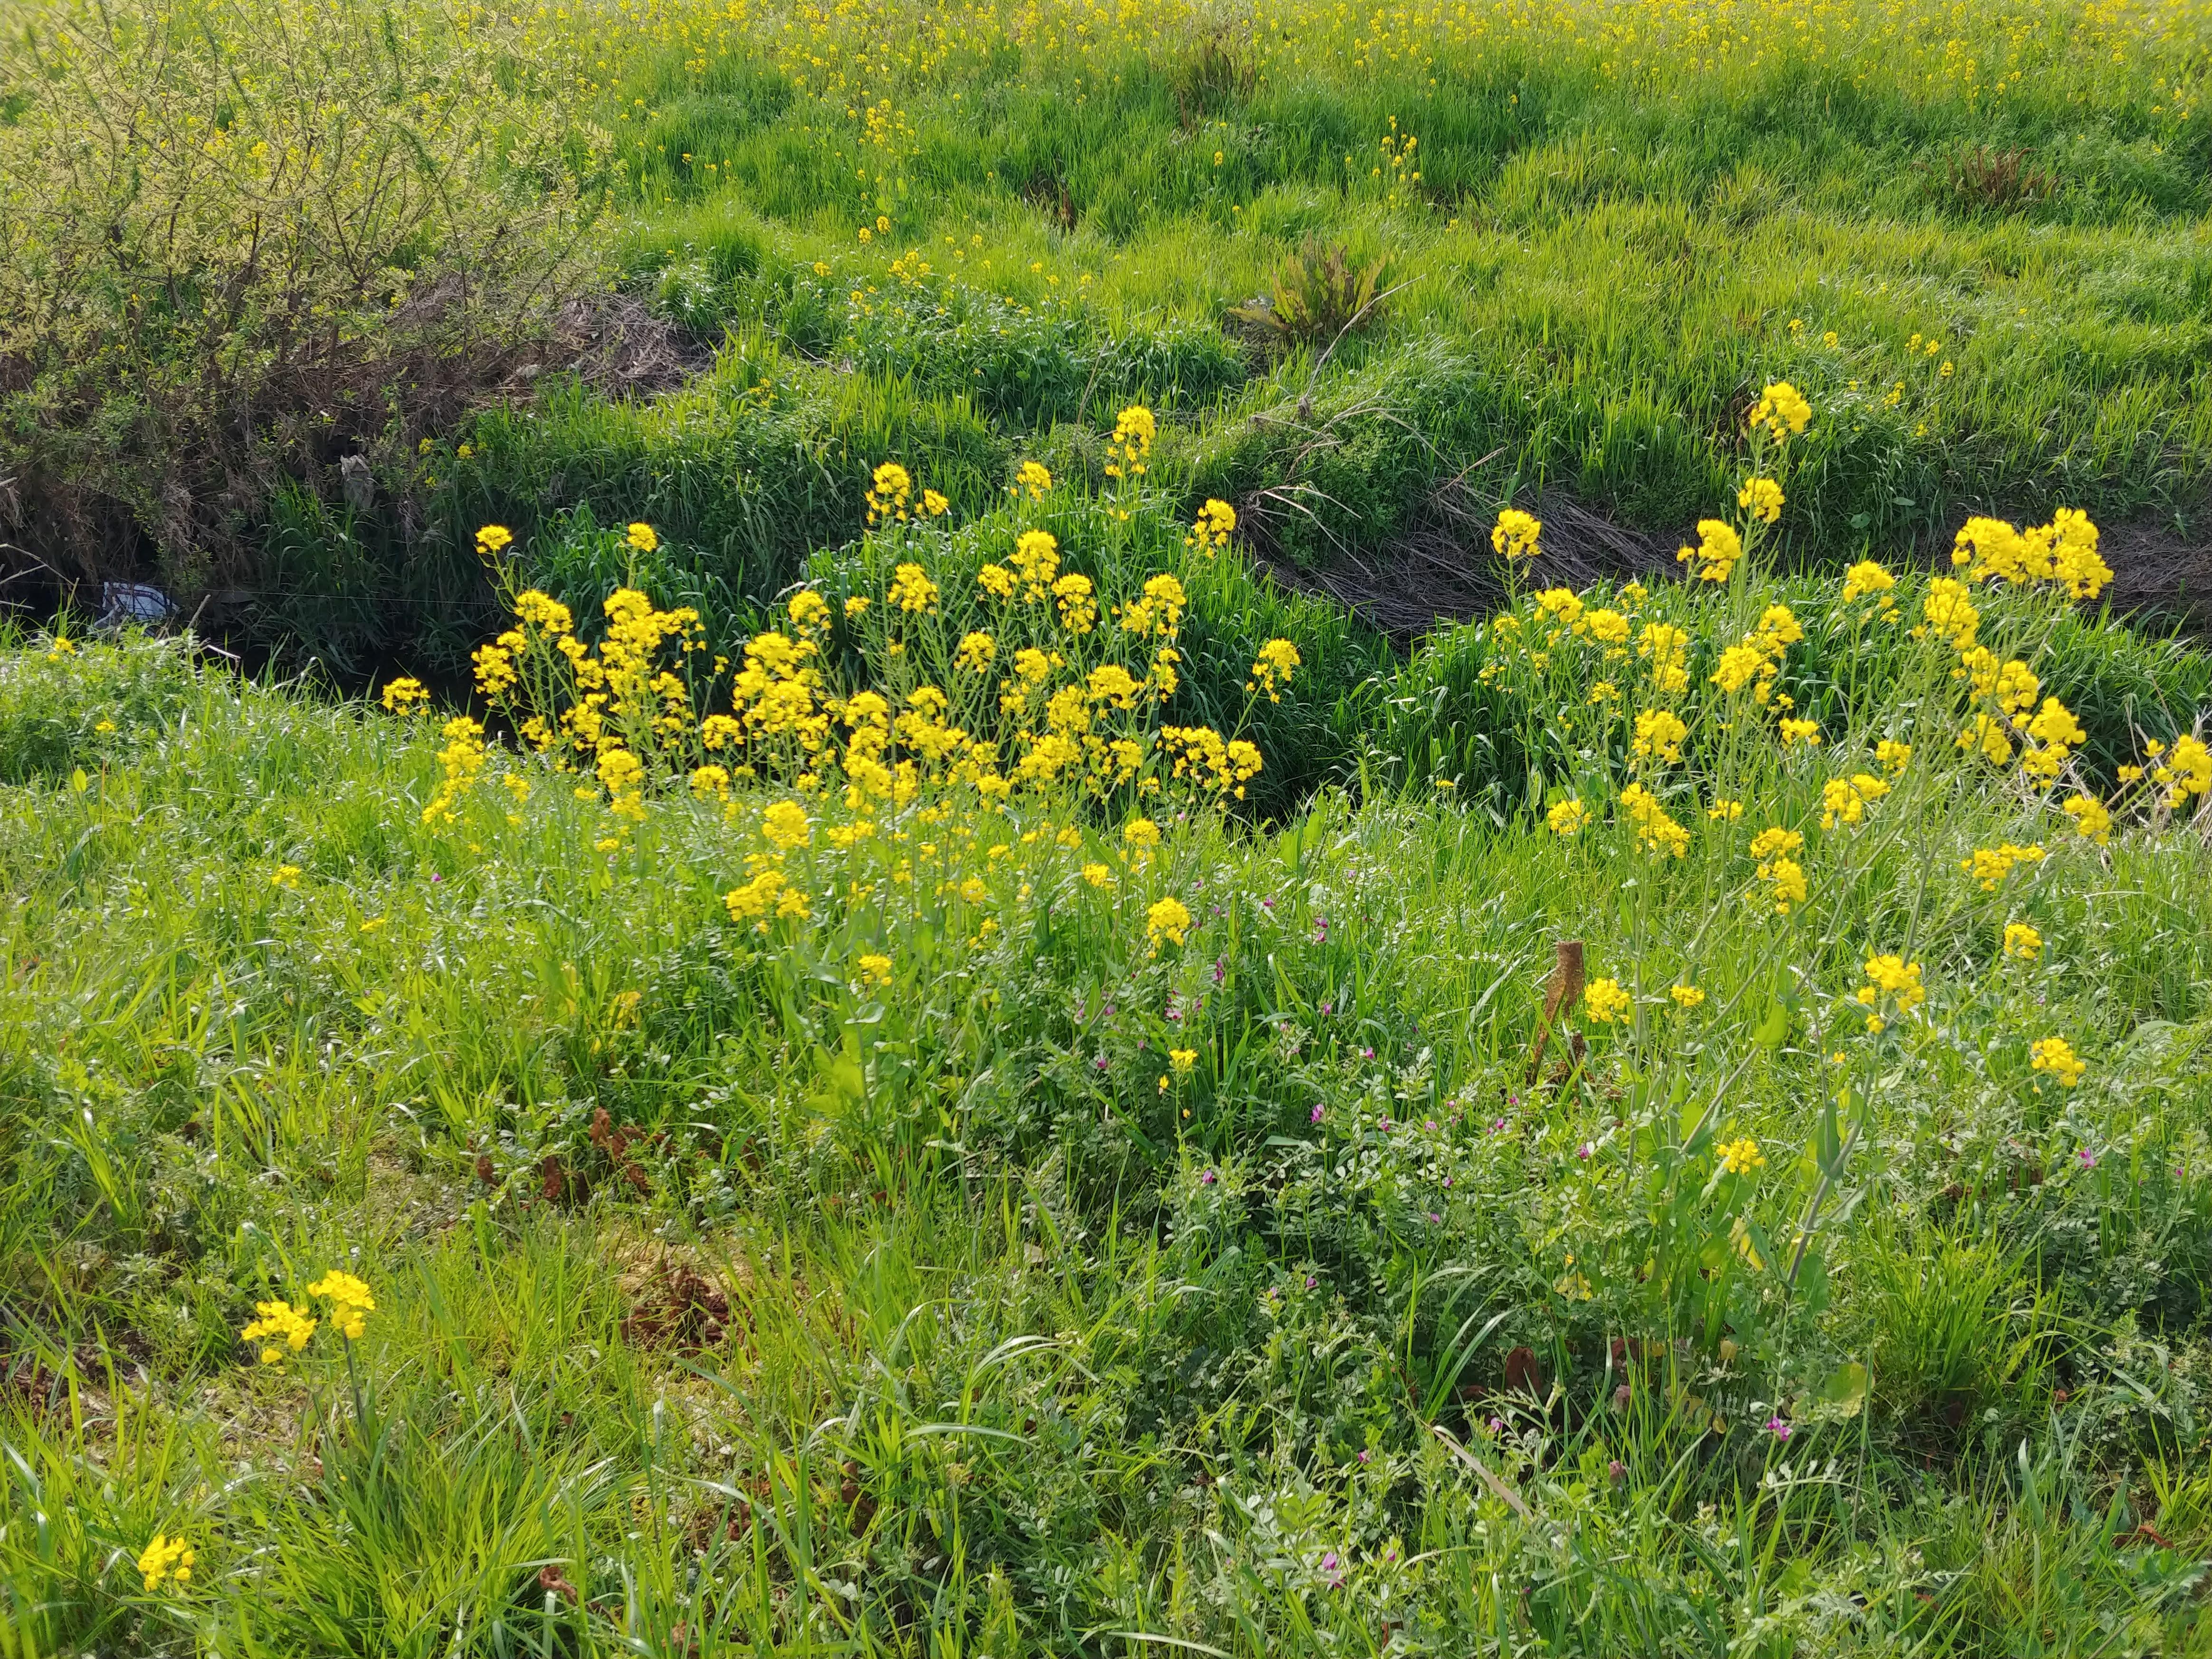 菜の花とVスト、鈴蘭苑のオイキムチなプチツーリング ~野に咲く花のように~